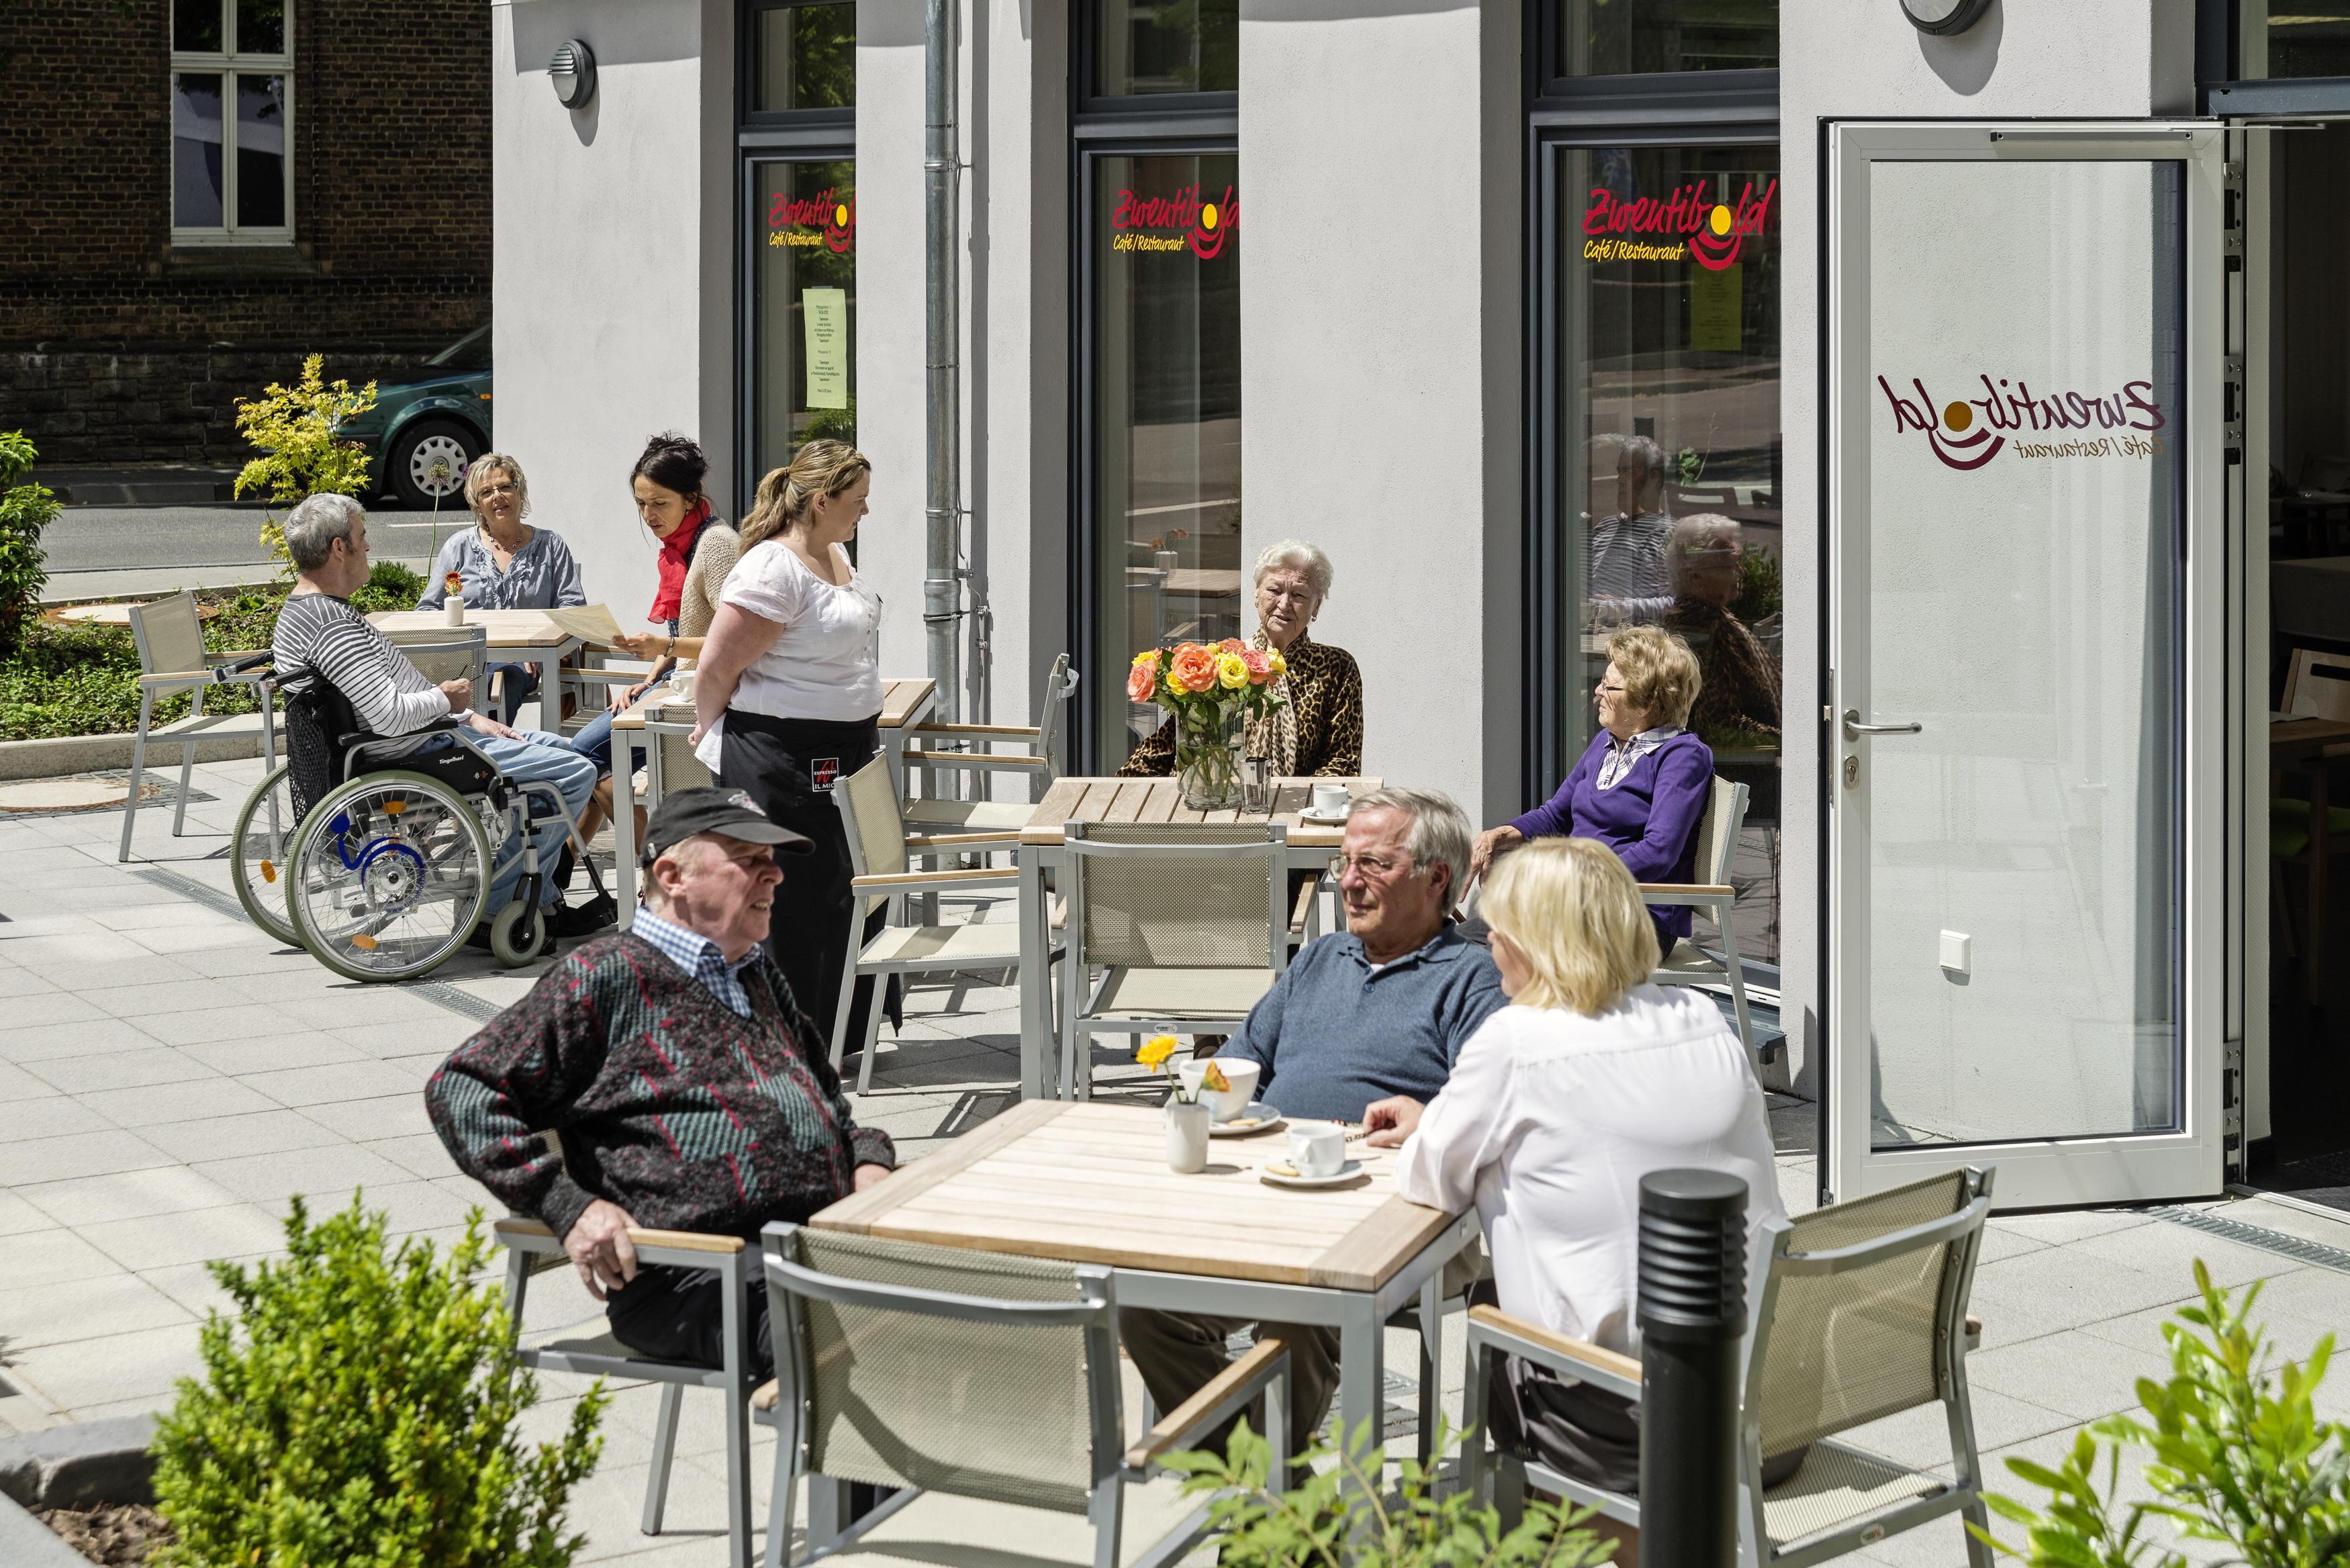 Wohnanlage f�r Senioren und Behinderte  Am Alten Stadttor